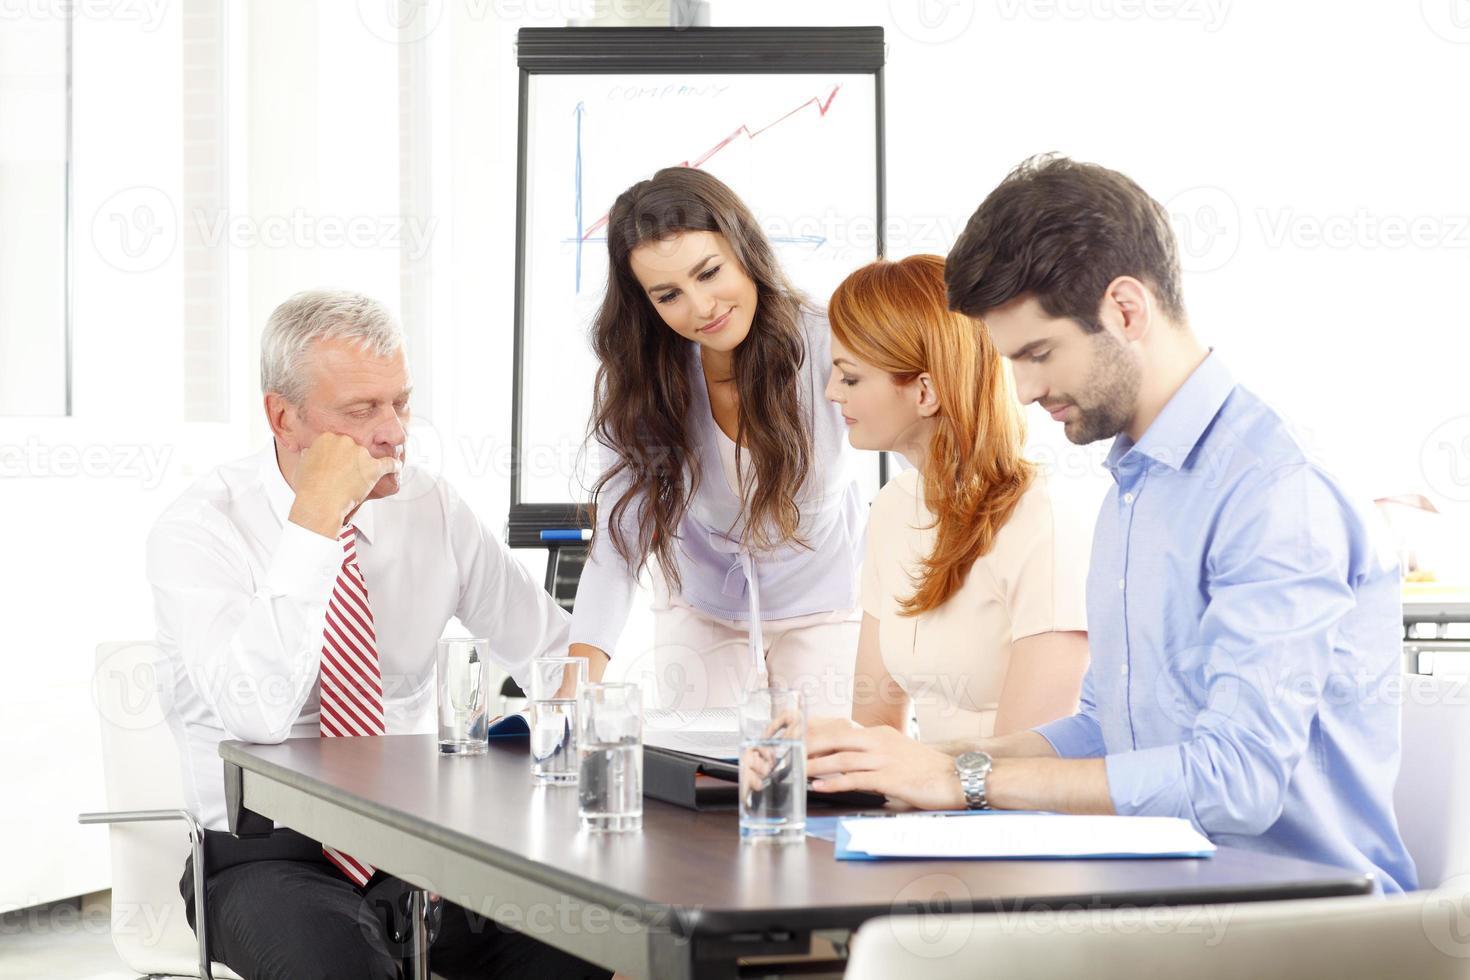 mensen uit het bedrijfsleven bespreken in een vergadering foto